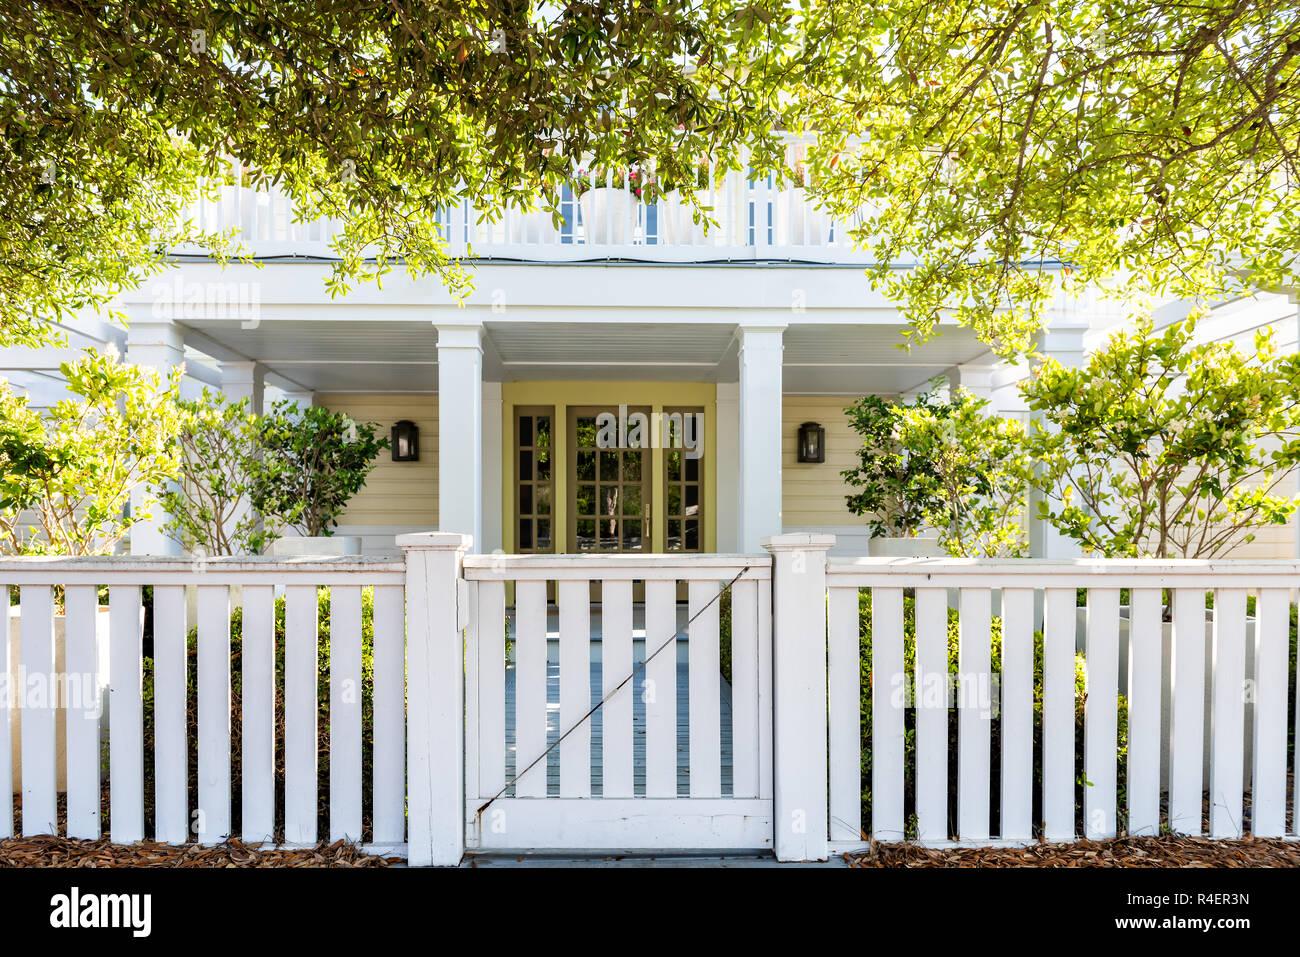 White Beach Holz Holz Architektur Von Haus Tur Tor Zu Veranda